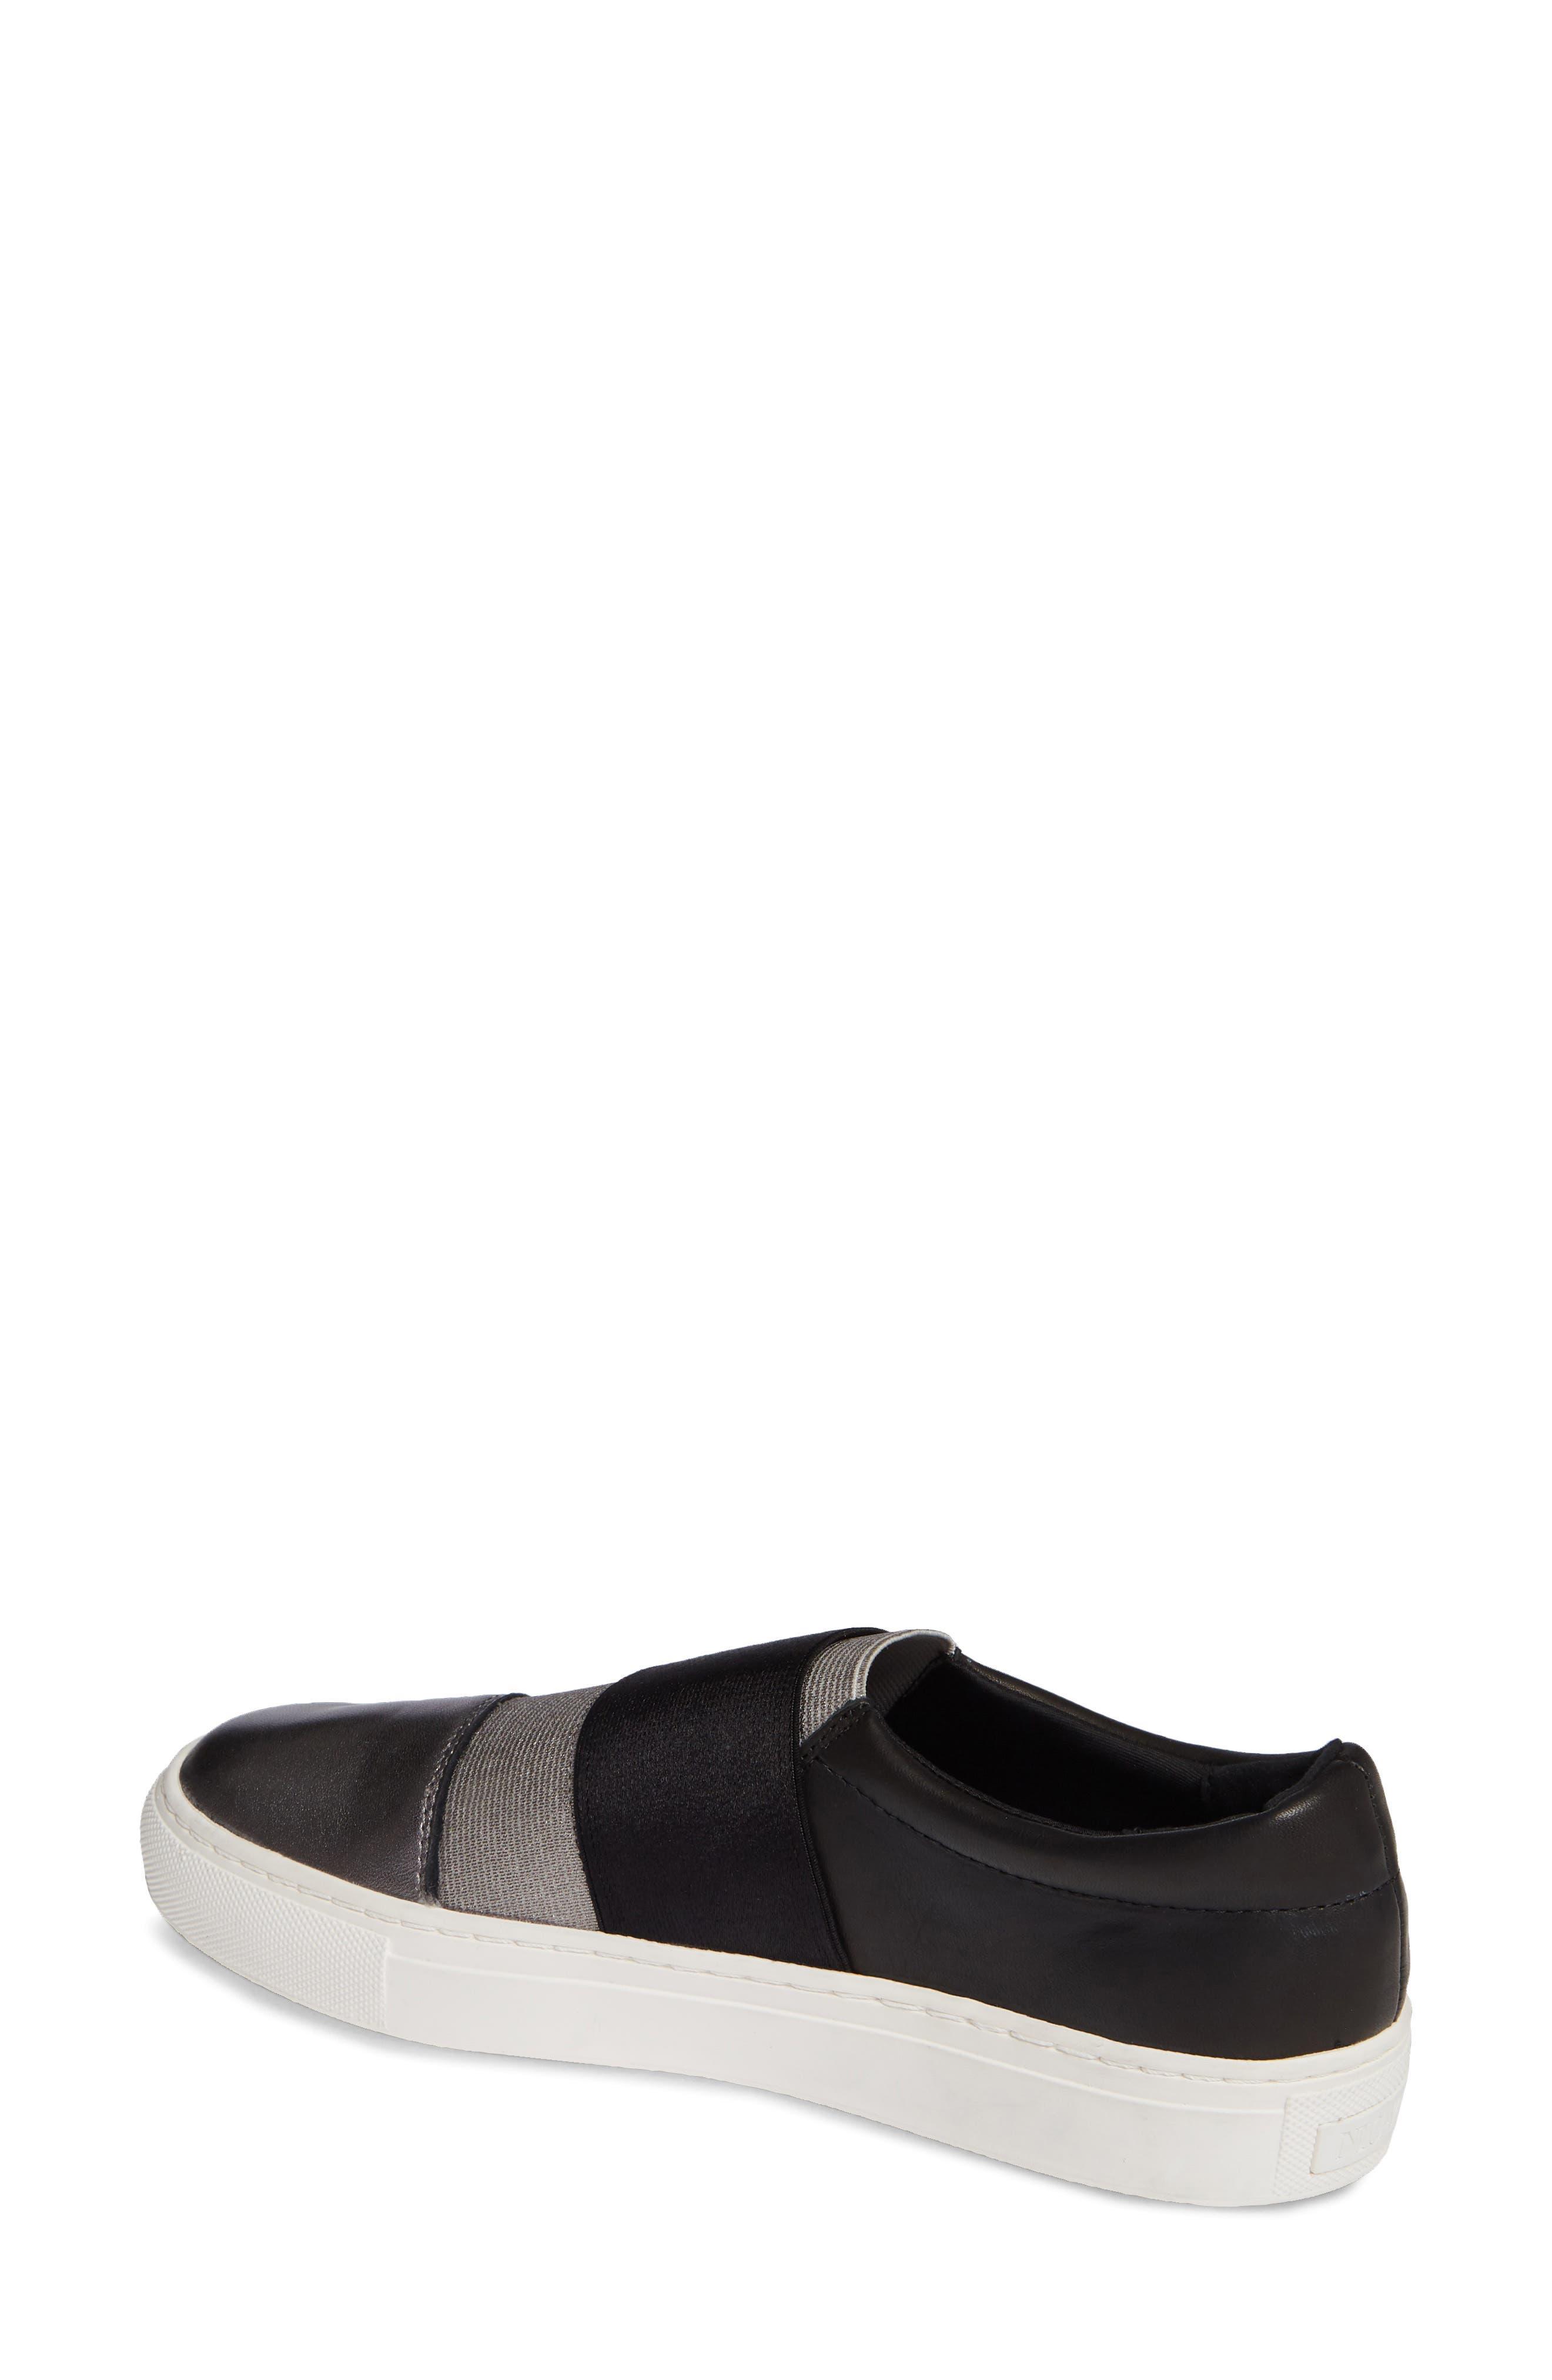 Isla Slip-On Sneaker,                             Alternate thumbnail 2, color,                             GUNMETAL/ BLACK LEATHER